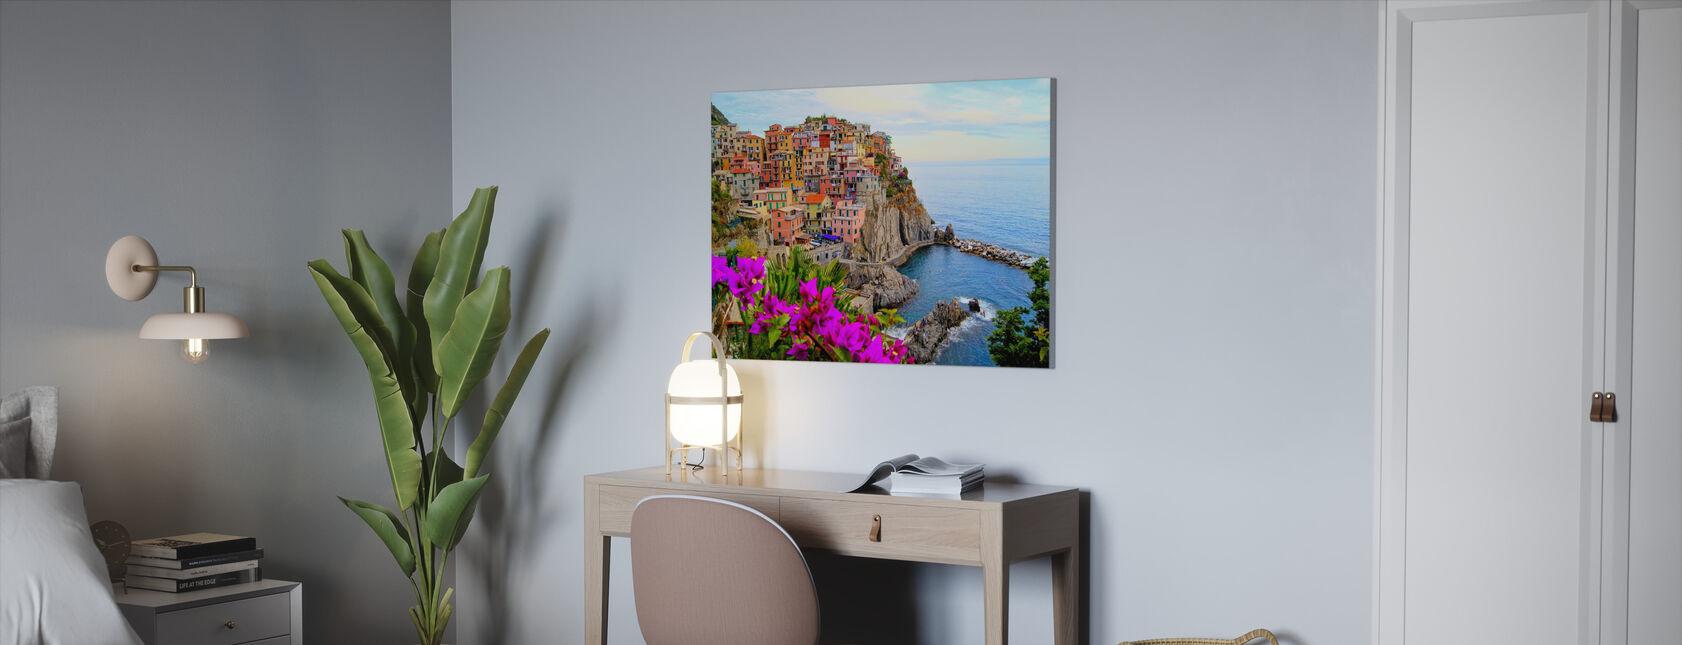 Byar Manarola, Italien - Canvastavla - Kontor